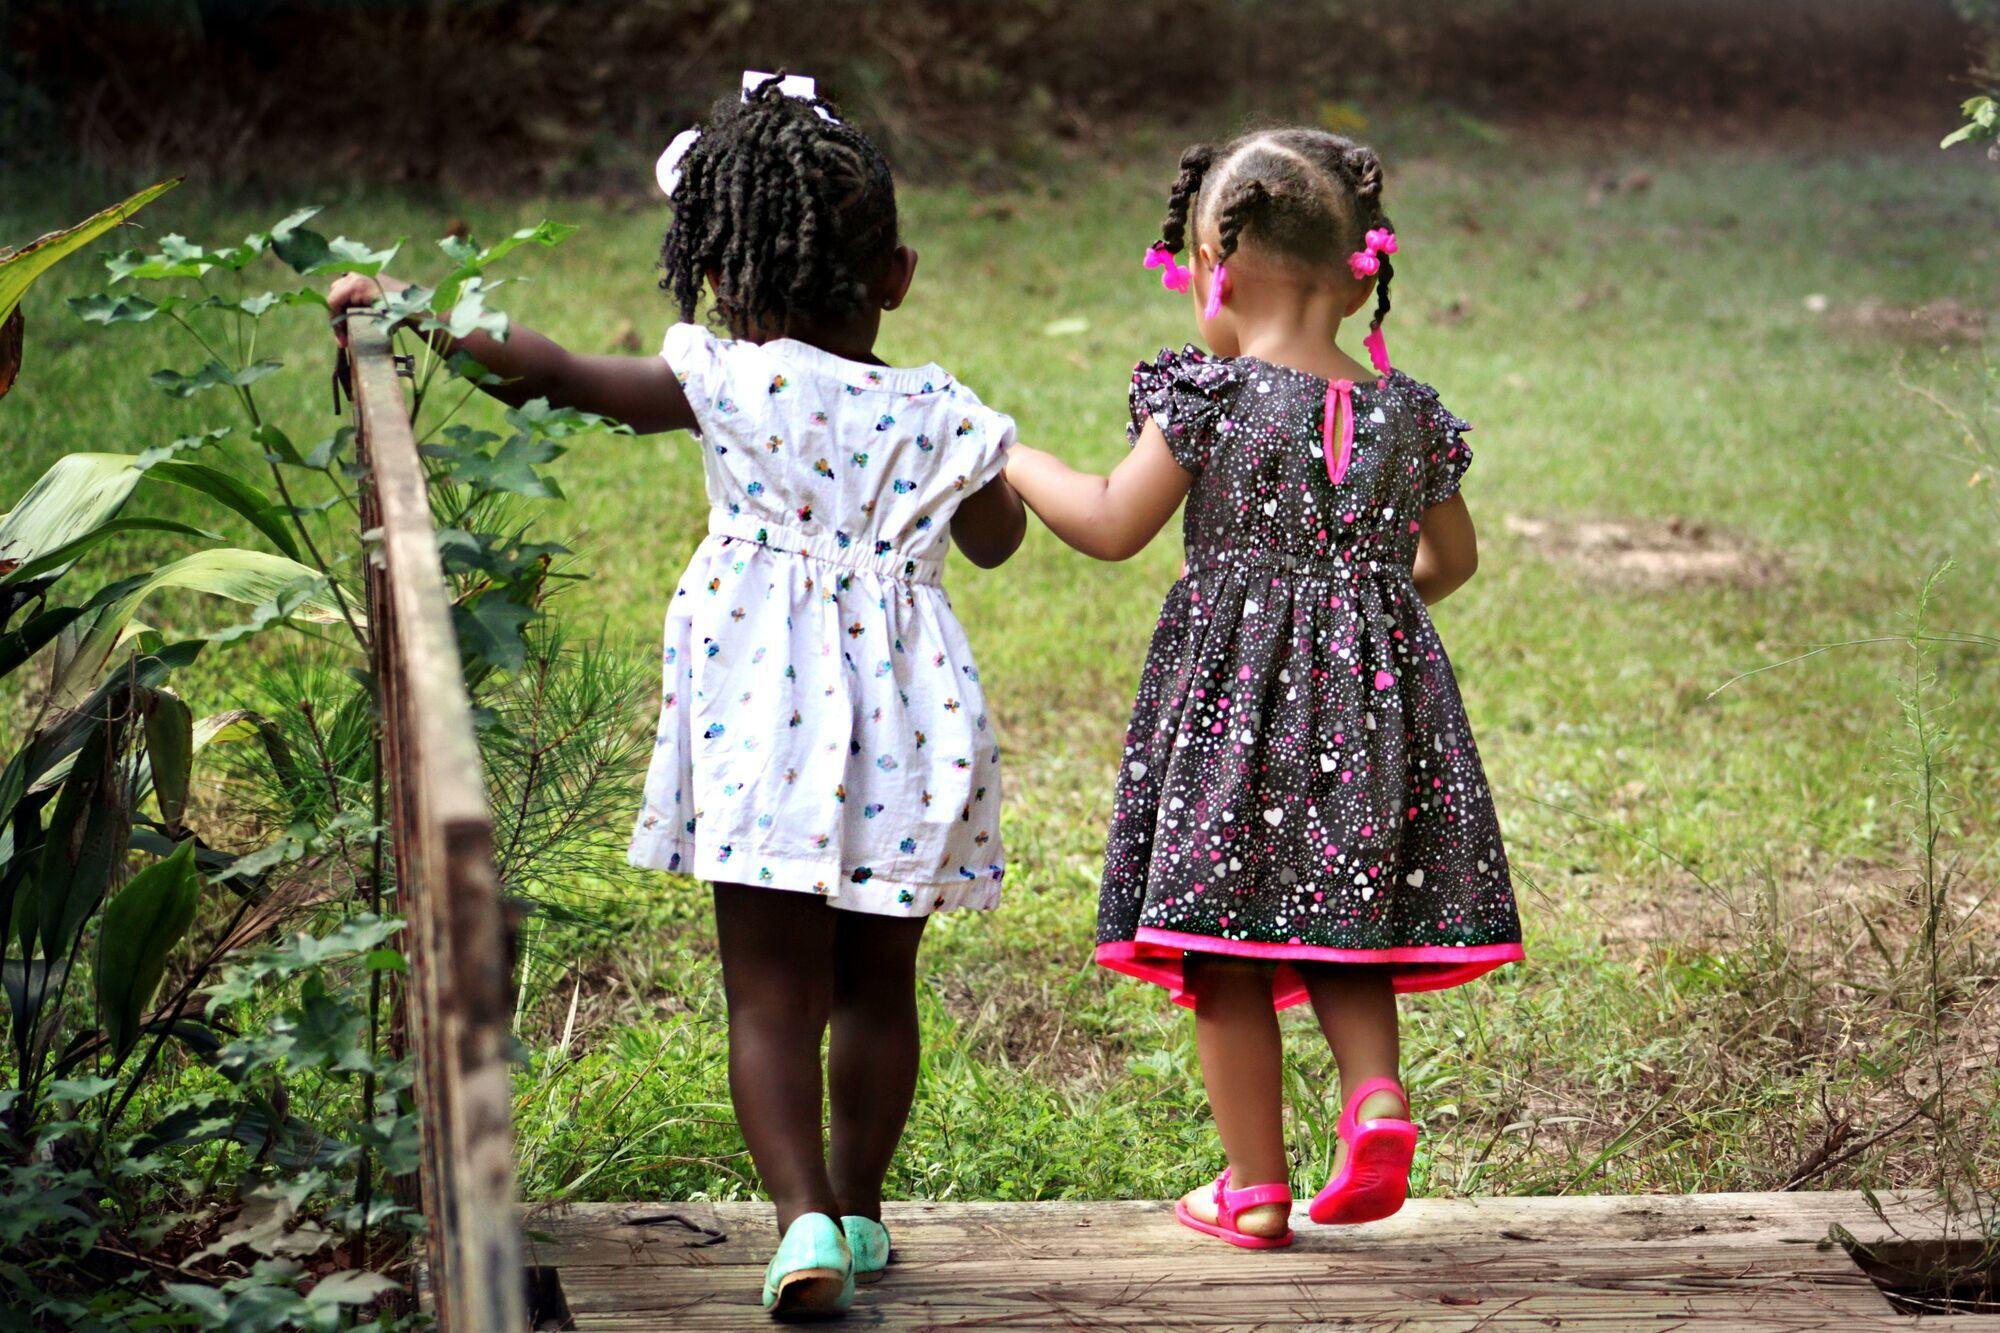 Международный день девочек: что это за праздник